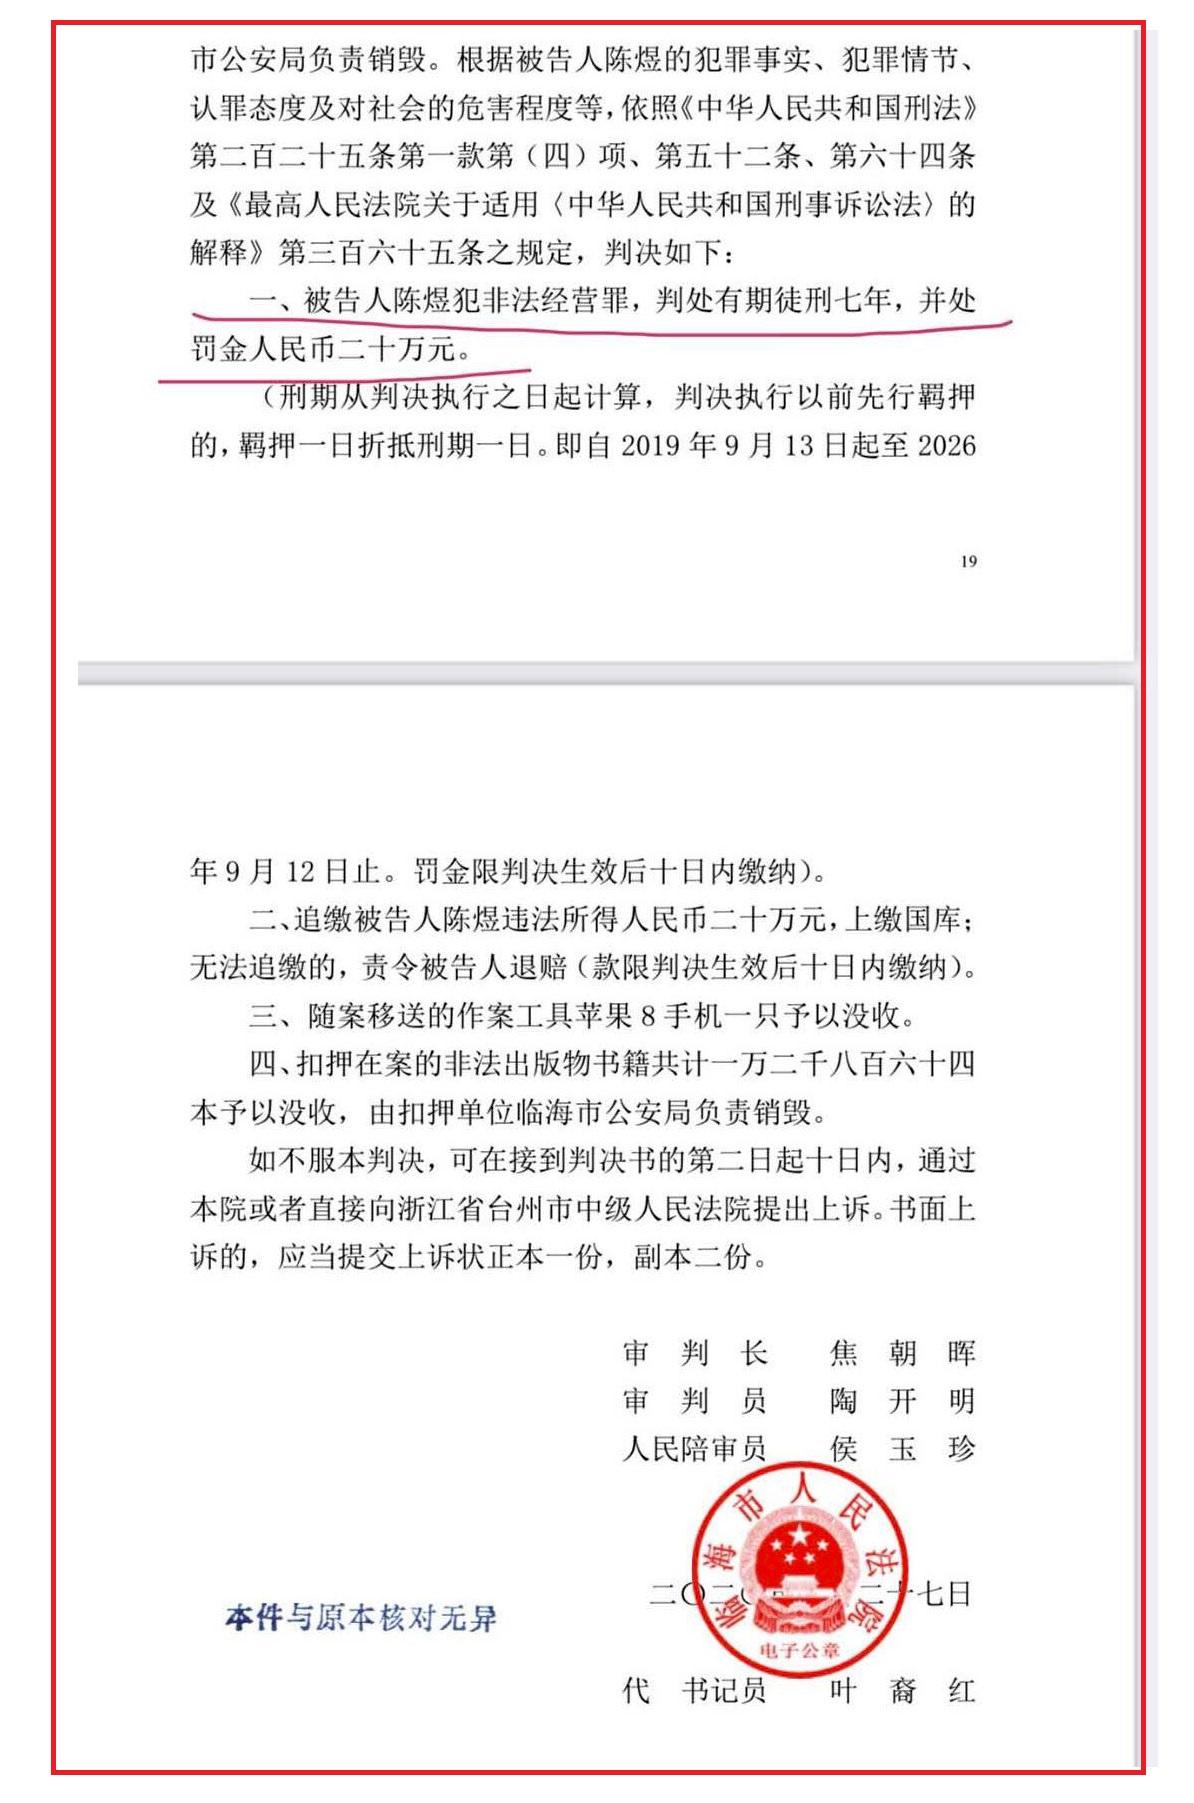 小麦书房负责人张小麦(原名陈煜)因销售基督教书籍而被判入狱7年。(推特图片)